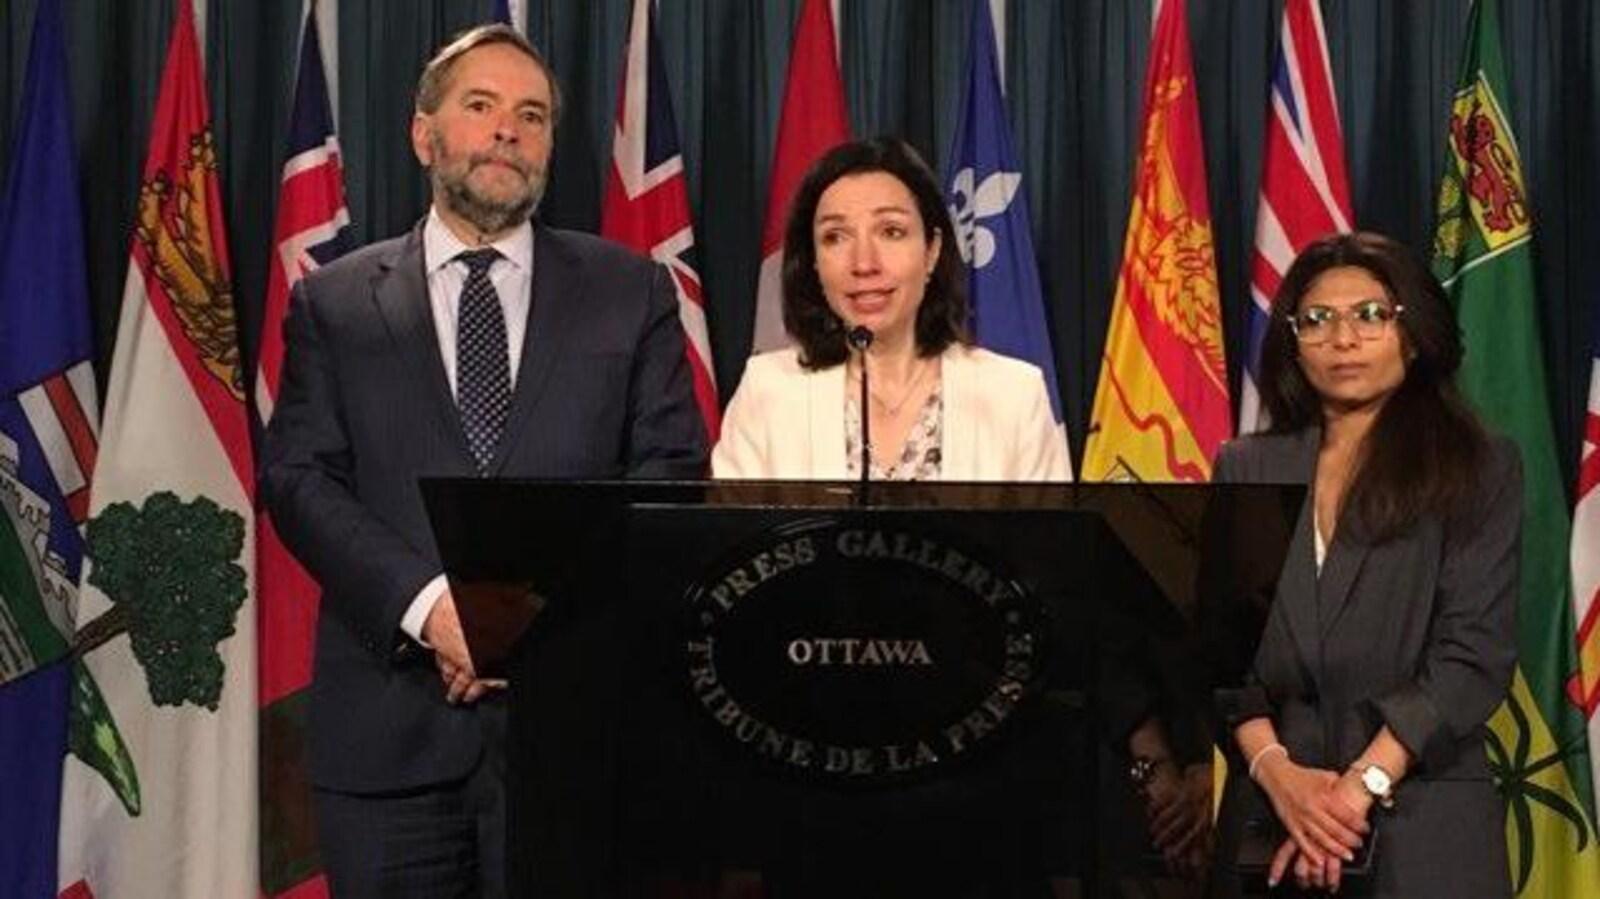 Ensaf Haidar en point de presse aux côtés de la chef du Bloc québécois, Martine Ouellet, et de l'ex-chef du NPD Thomas Mulcair.